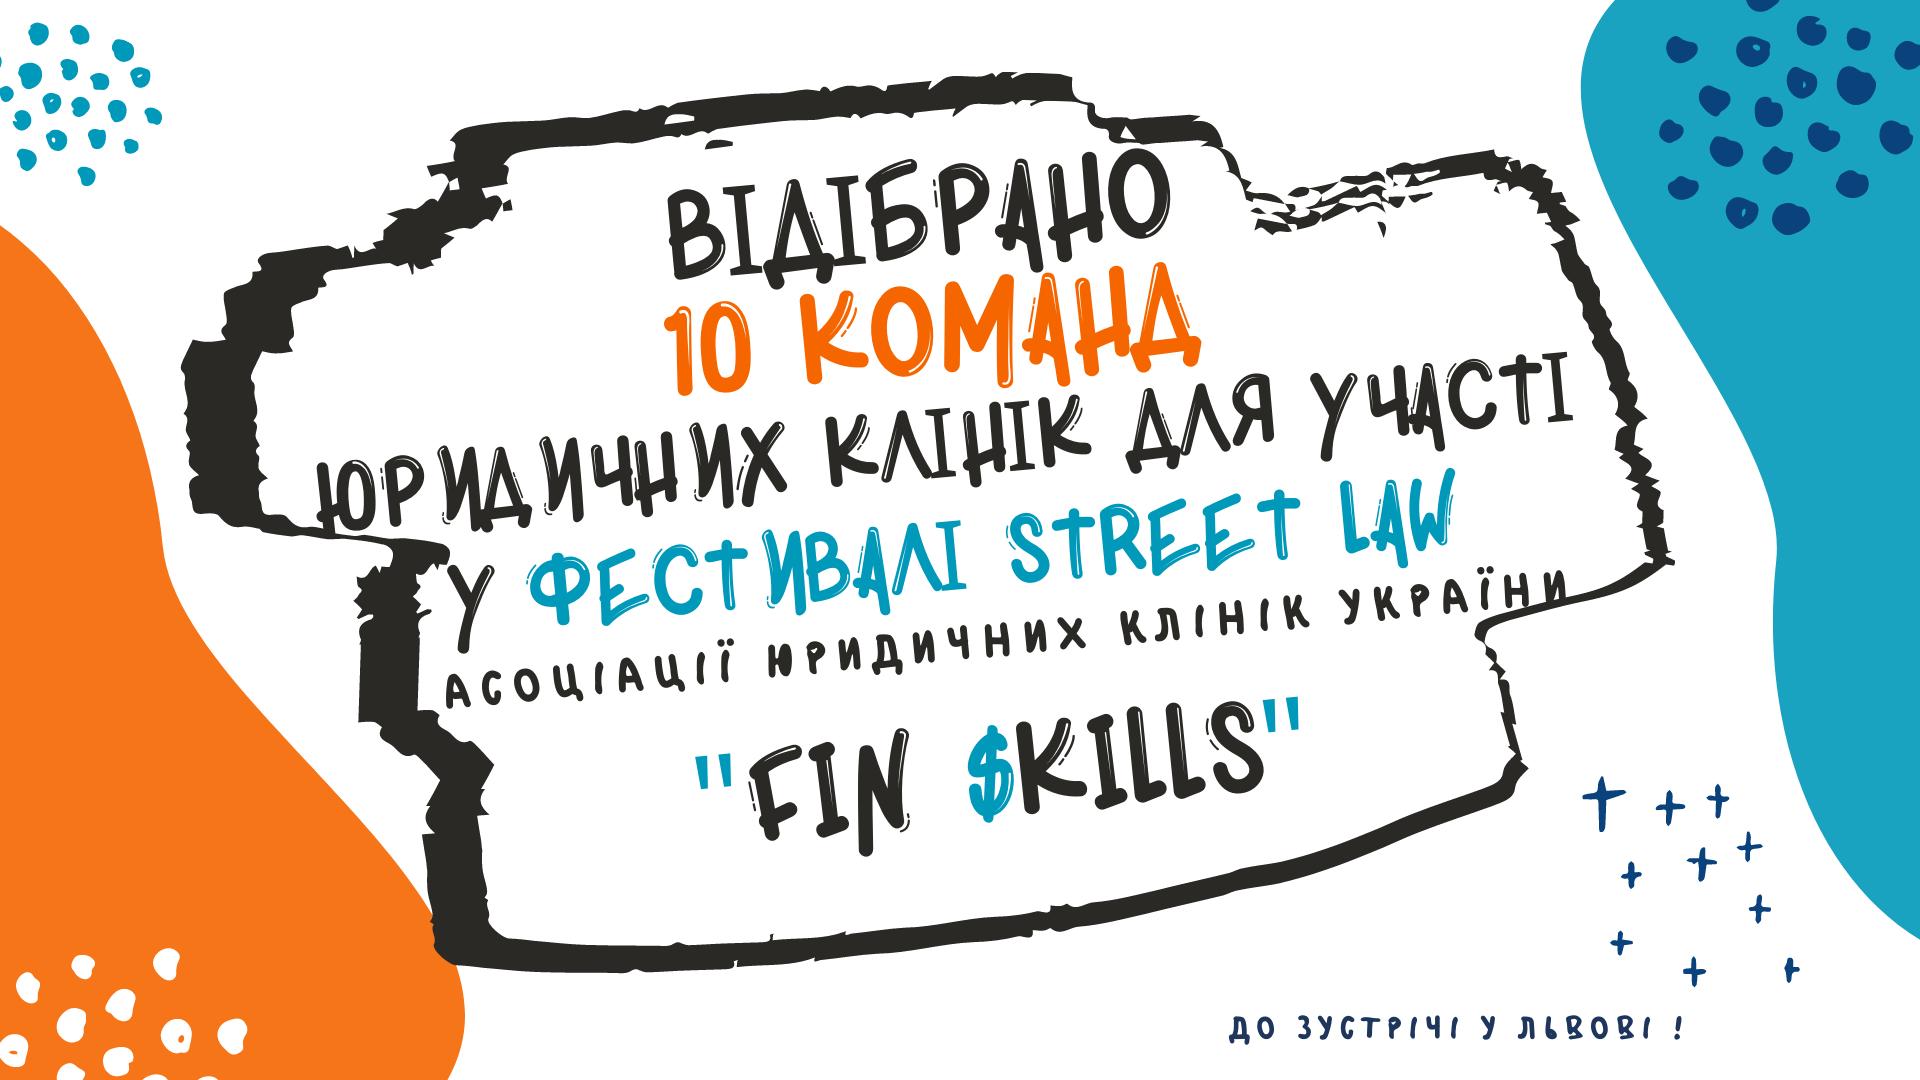 10 команд юридичних клінік представлятимуть уроки Street Law на Фестивалі АЮКУ